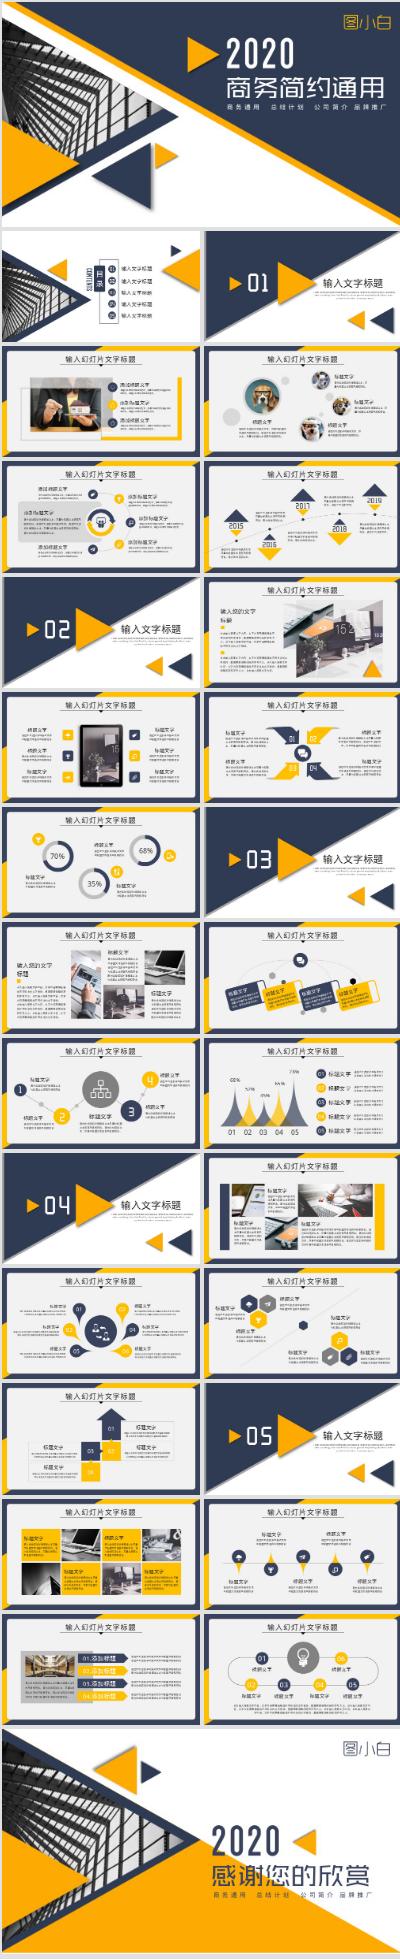 藍黃配色工作總結商務通用模板